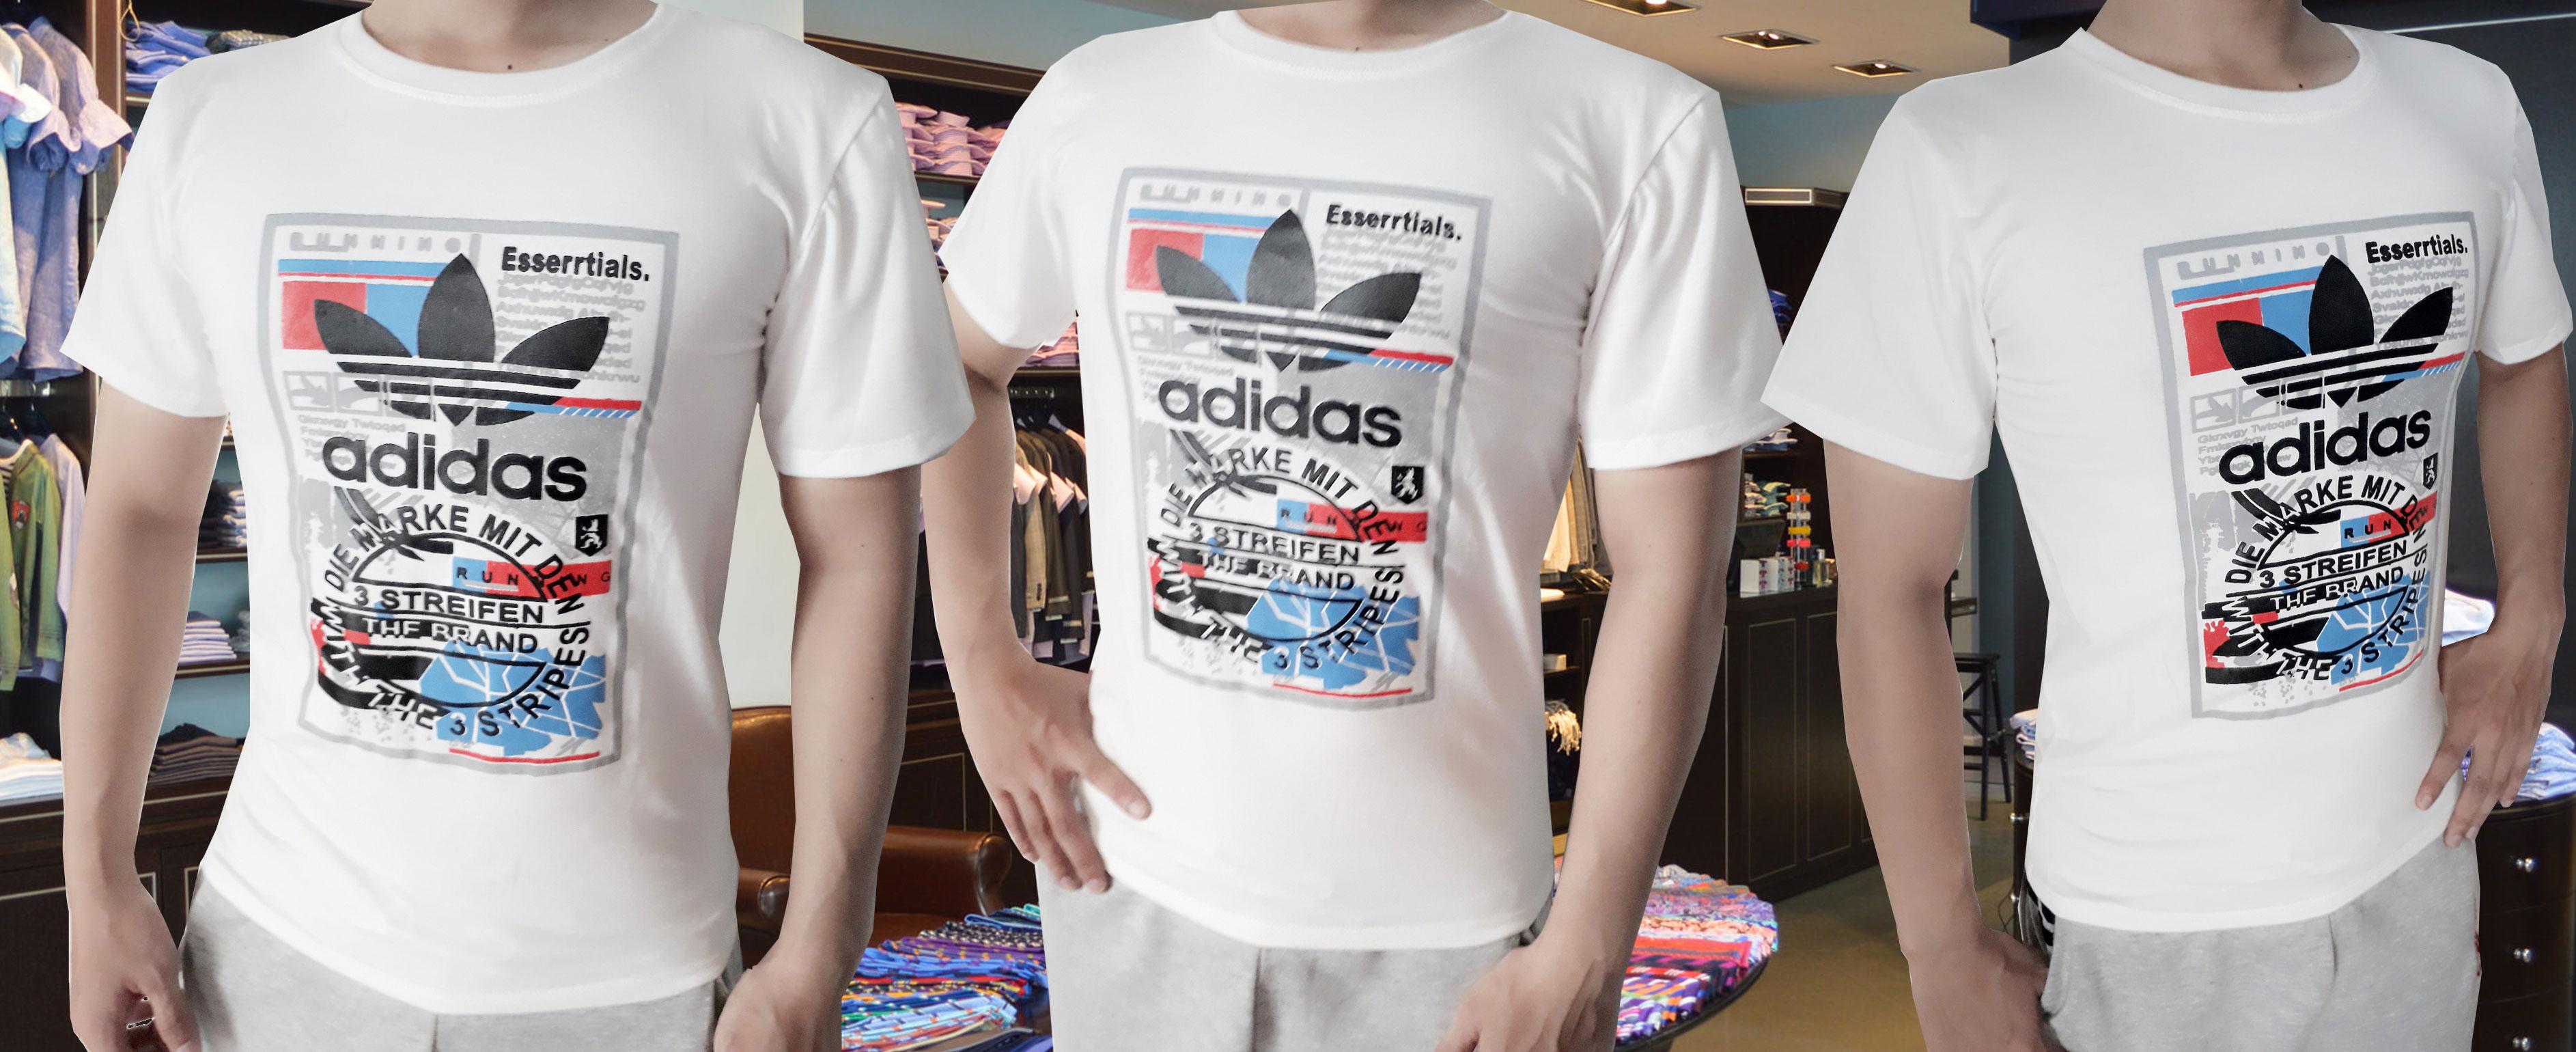 ao thun nam streifen adidas 2 - Áo thun nam streifen adidas trắng - AT44